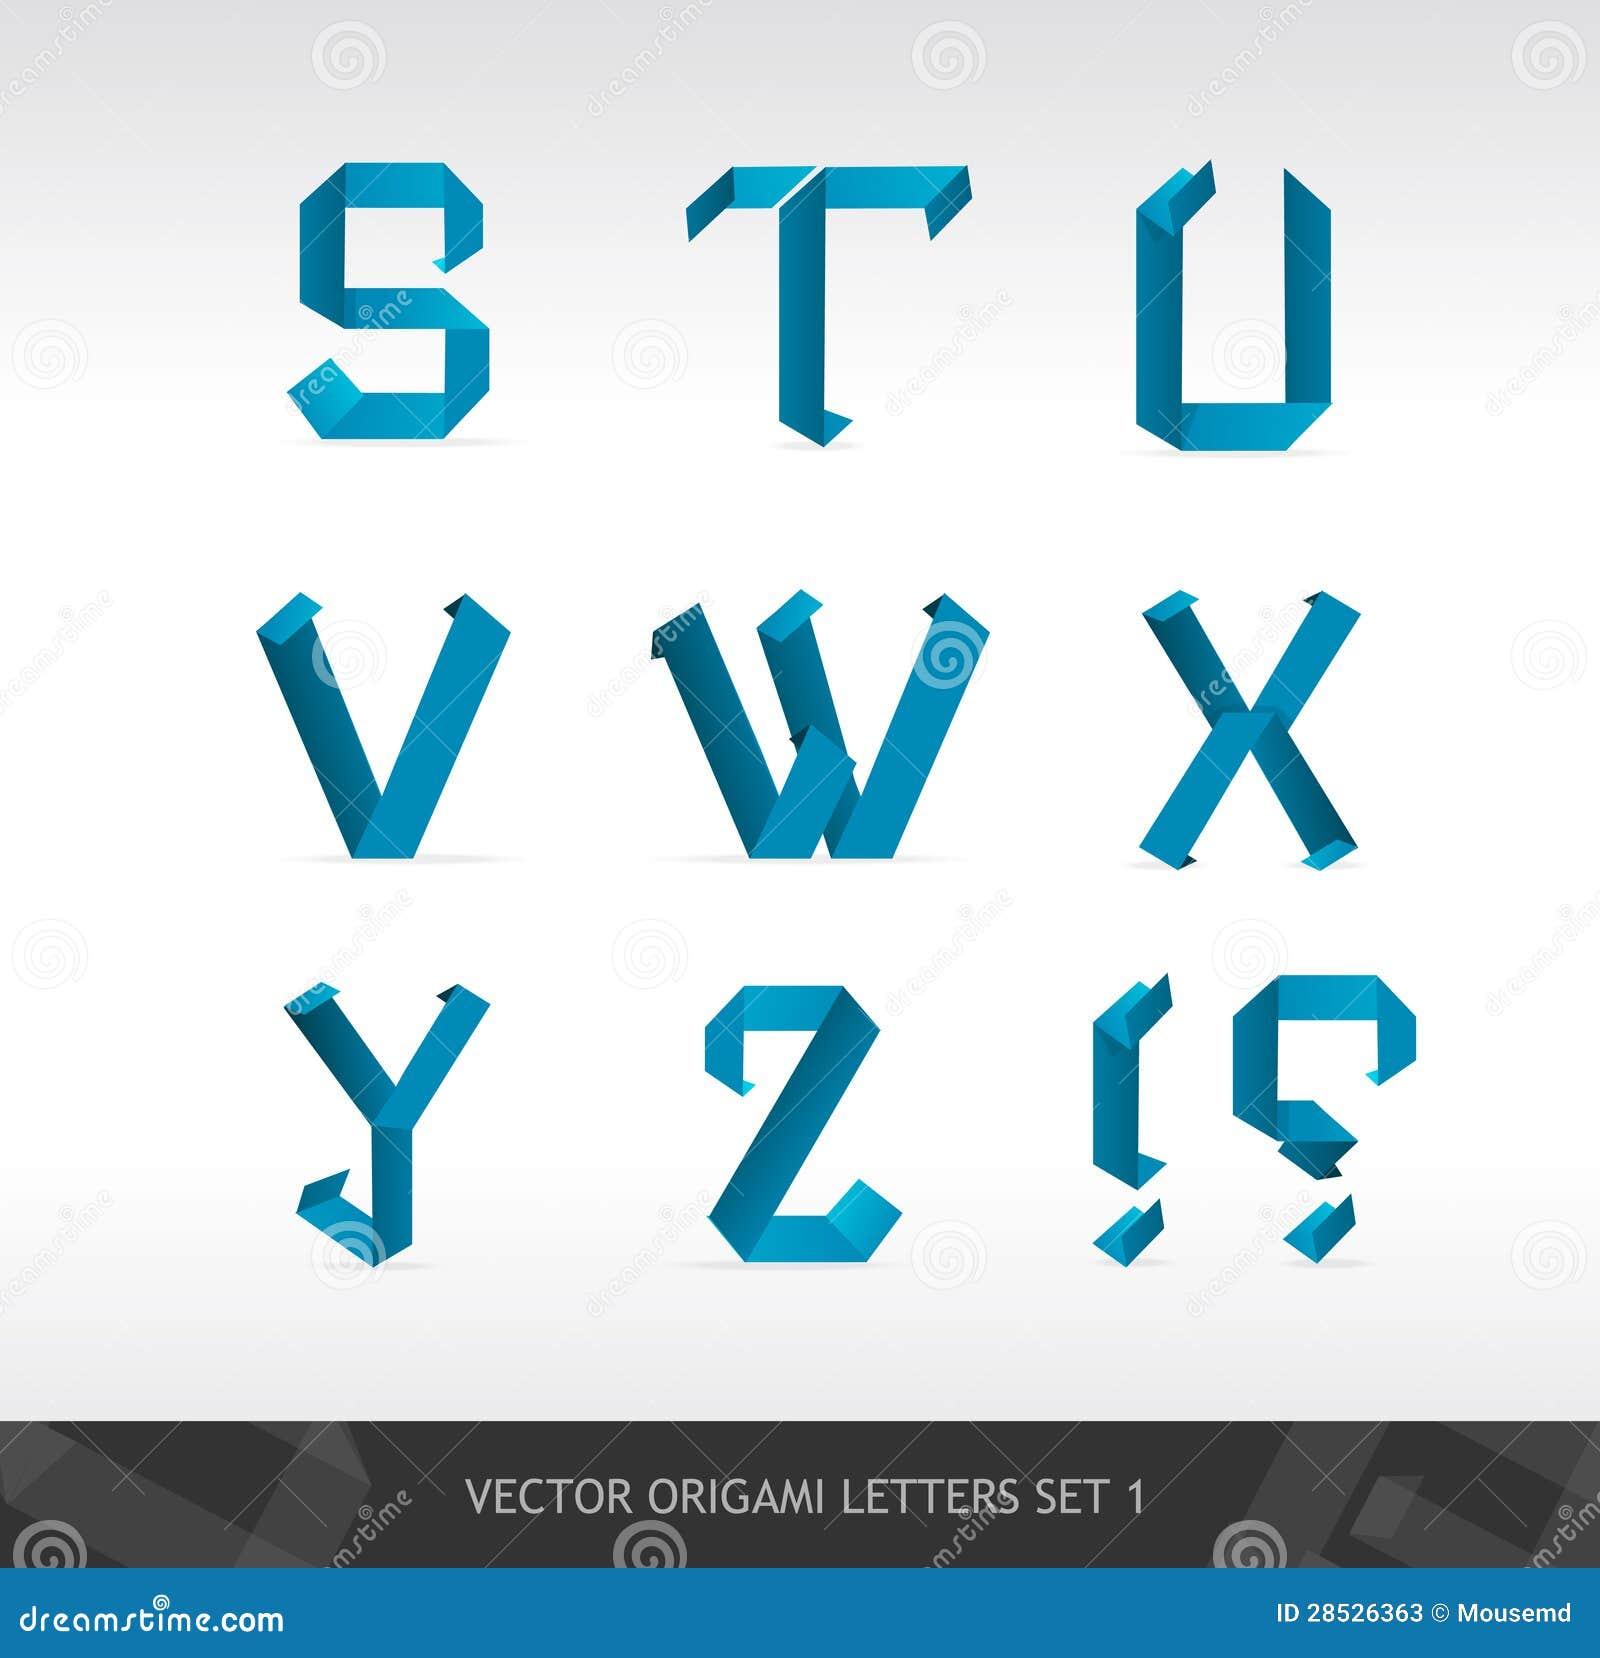 El papel pone letras a origami ilustracin del vector el papel pone letras a origami jeuxipadfo Choice Image